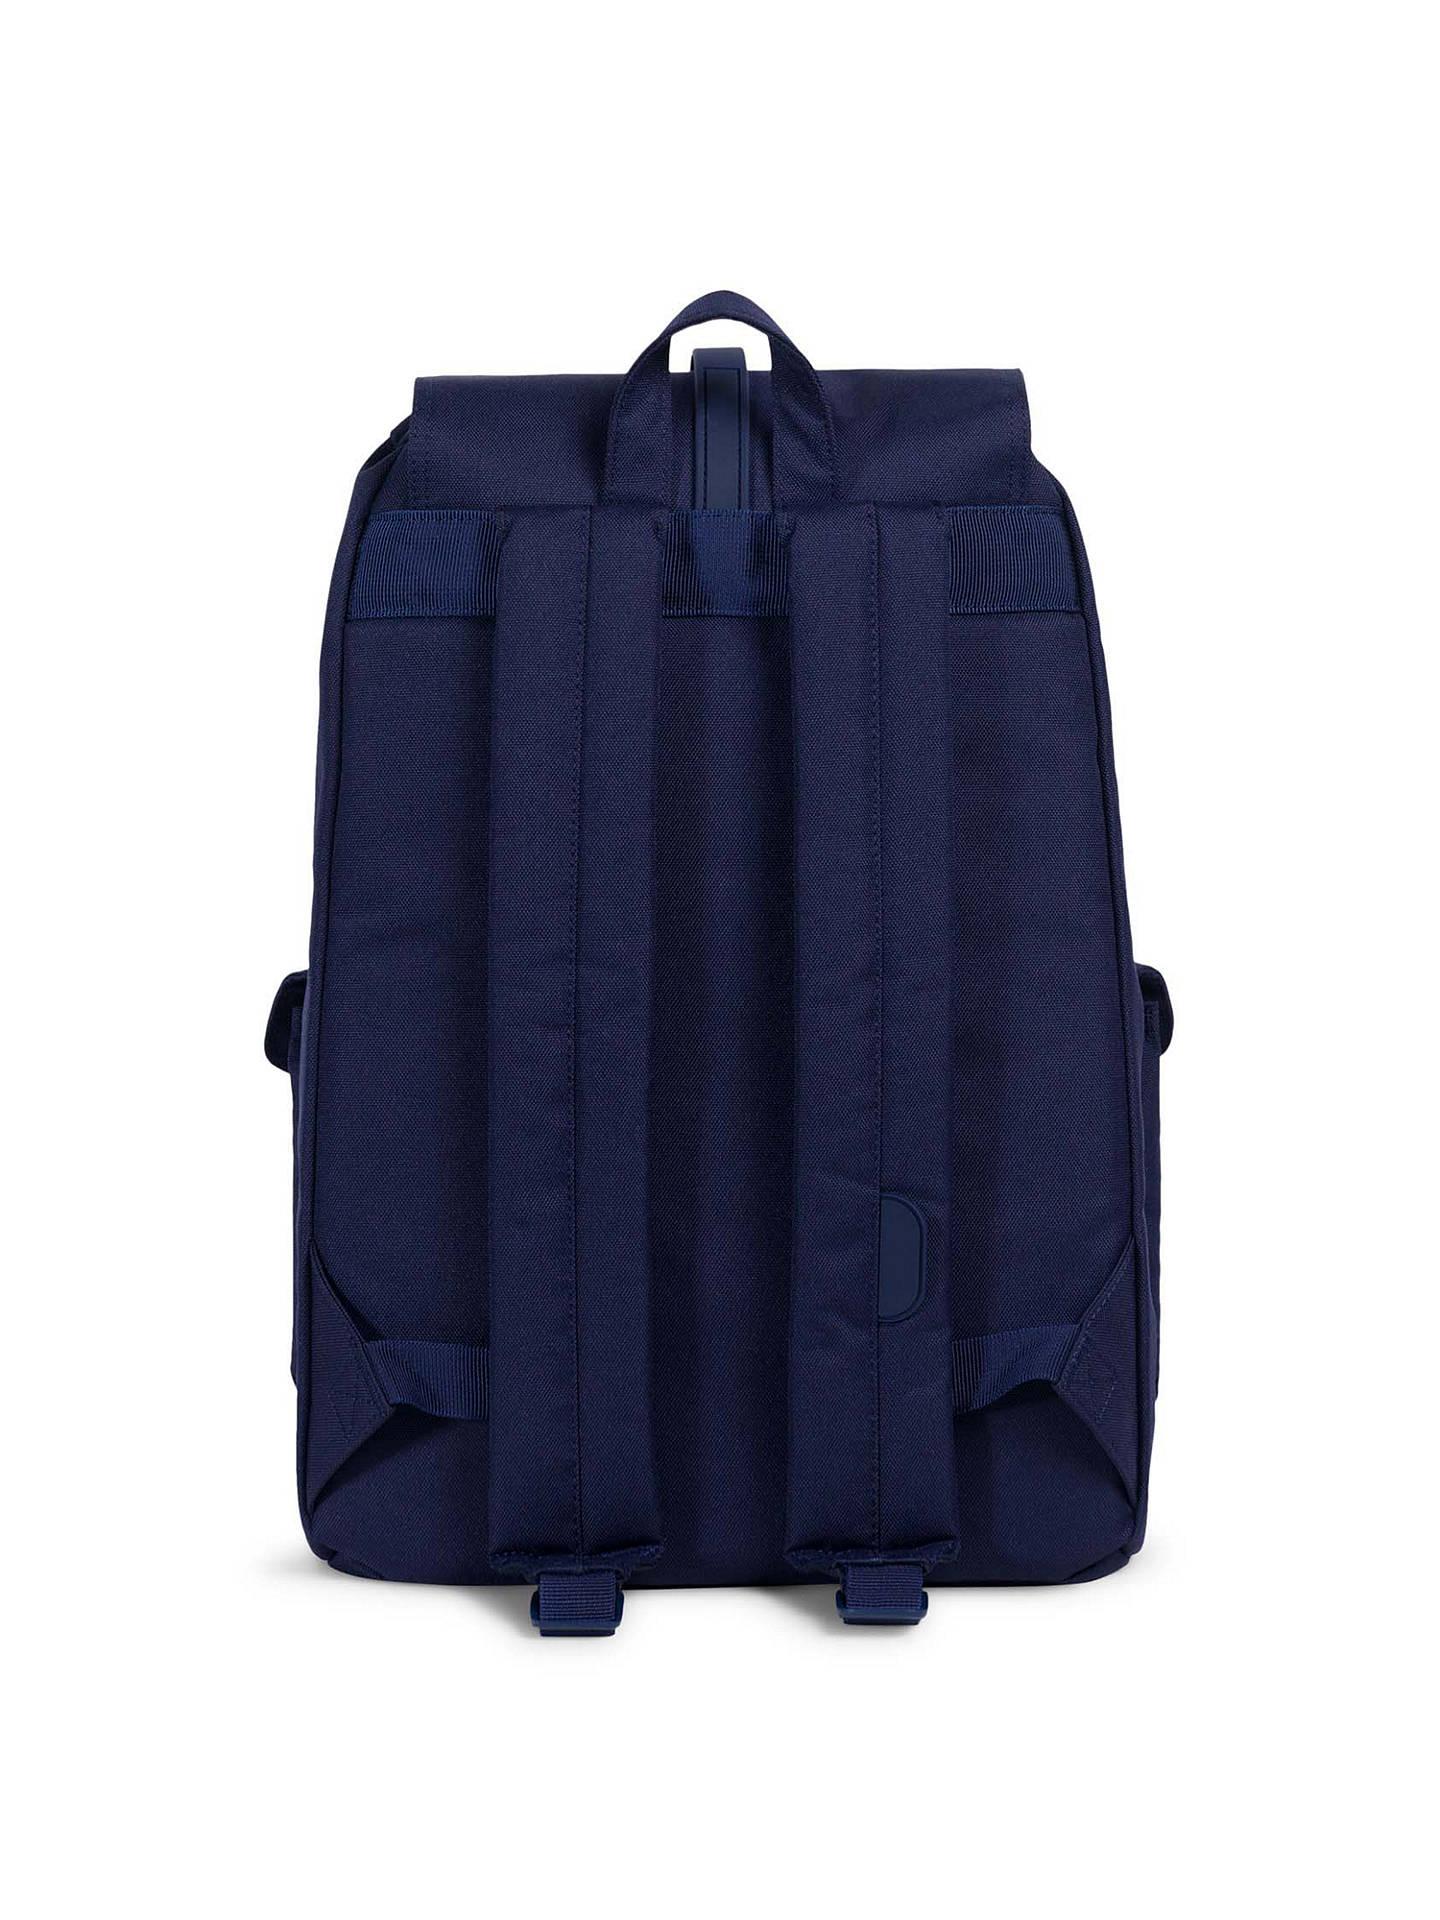 aa74b9d7d28 Herschel Supply Co. Dawson Backpack